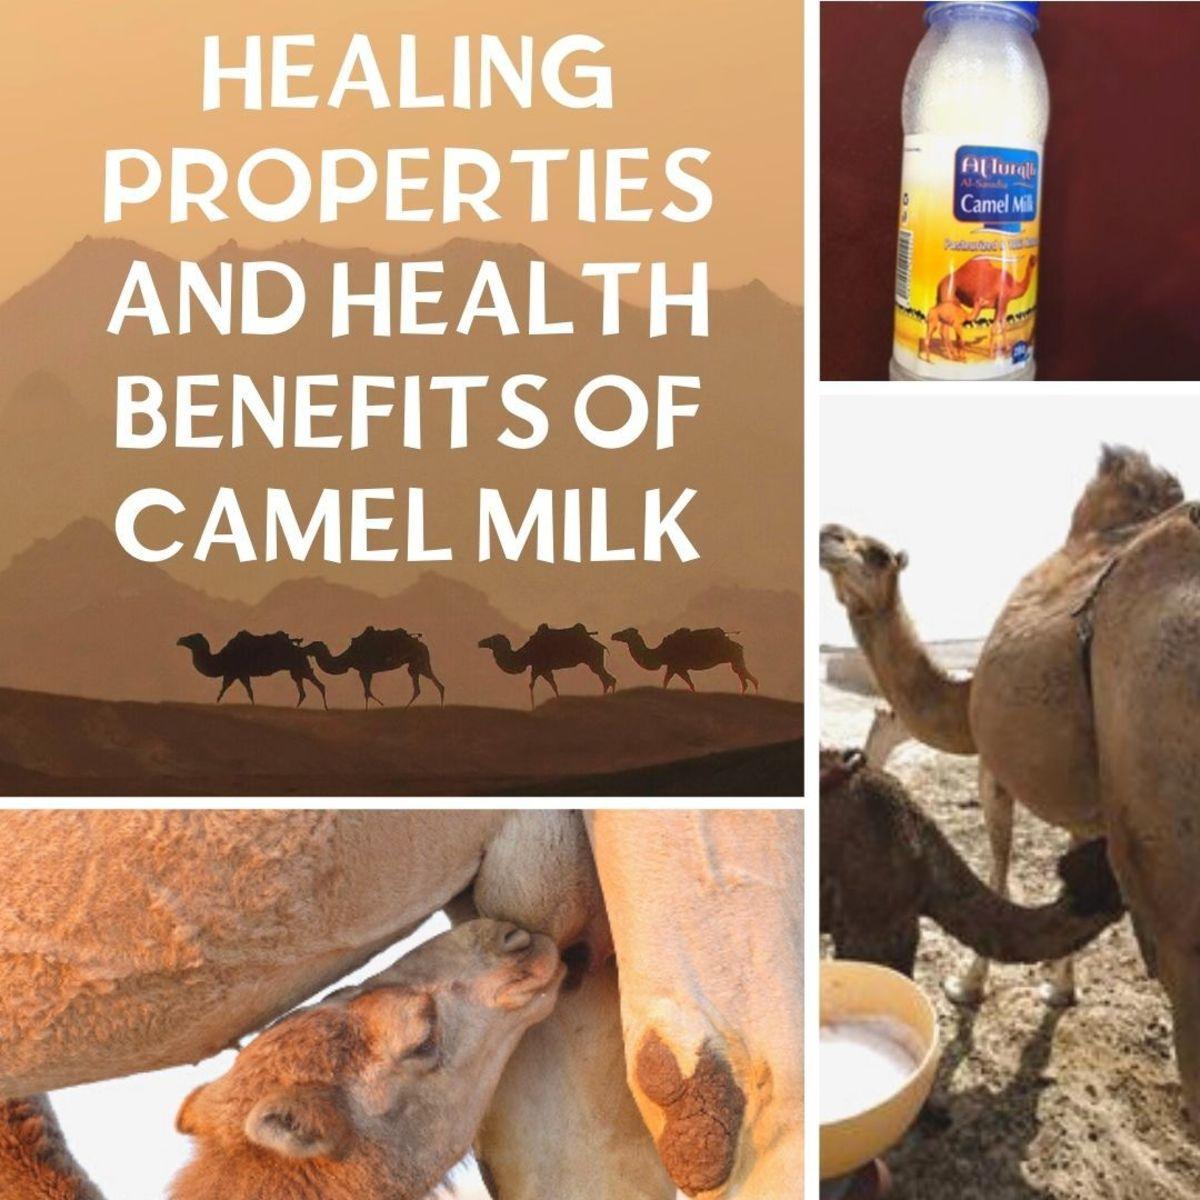 Healing Properties and Health Benefits of Camel Milk